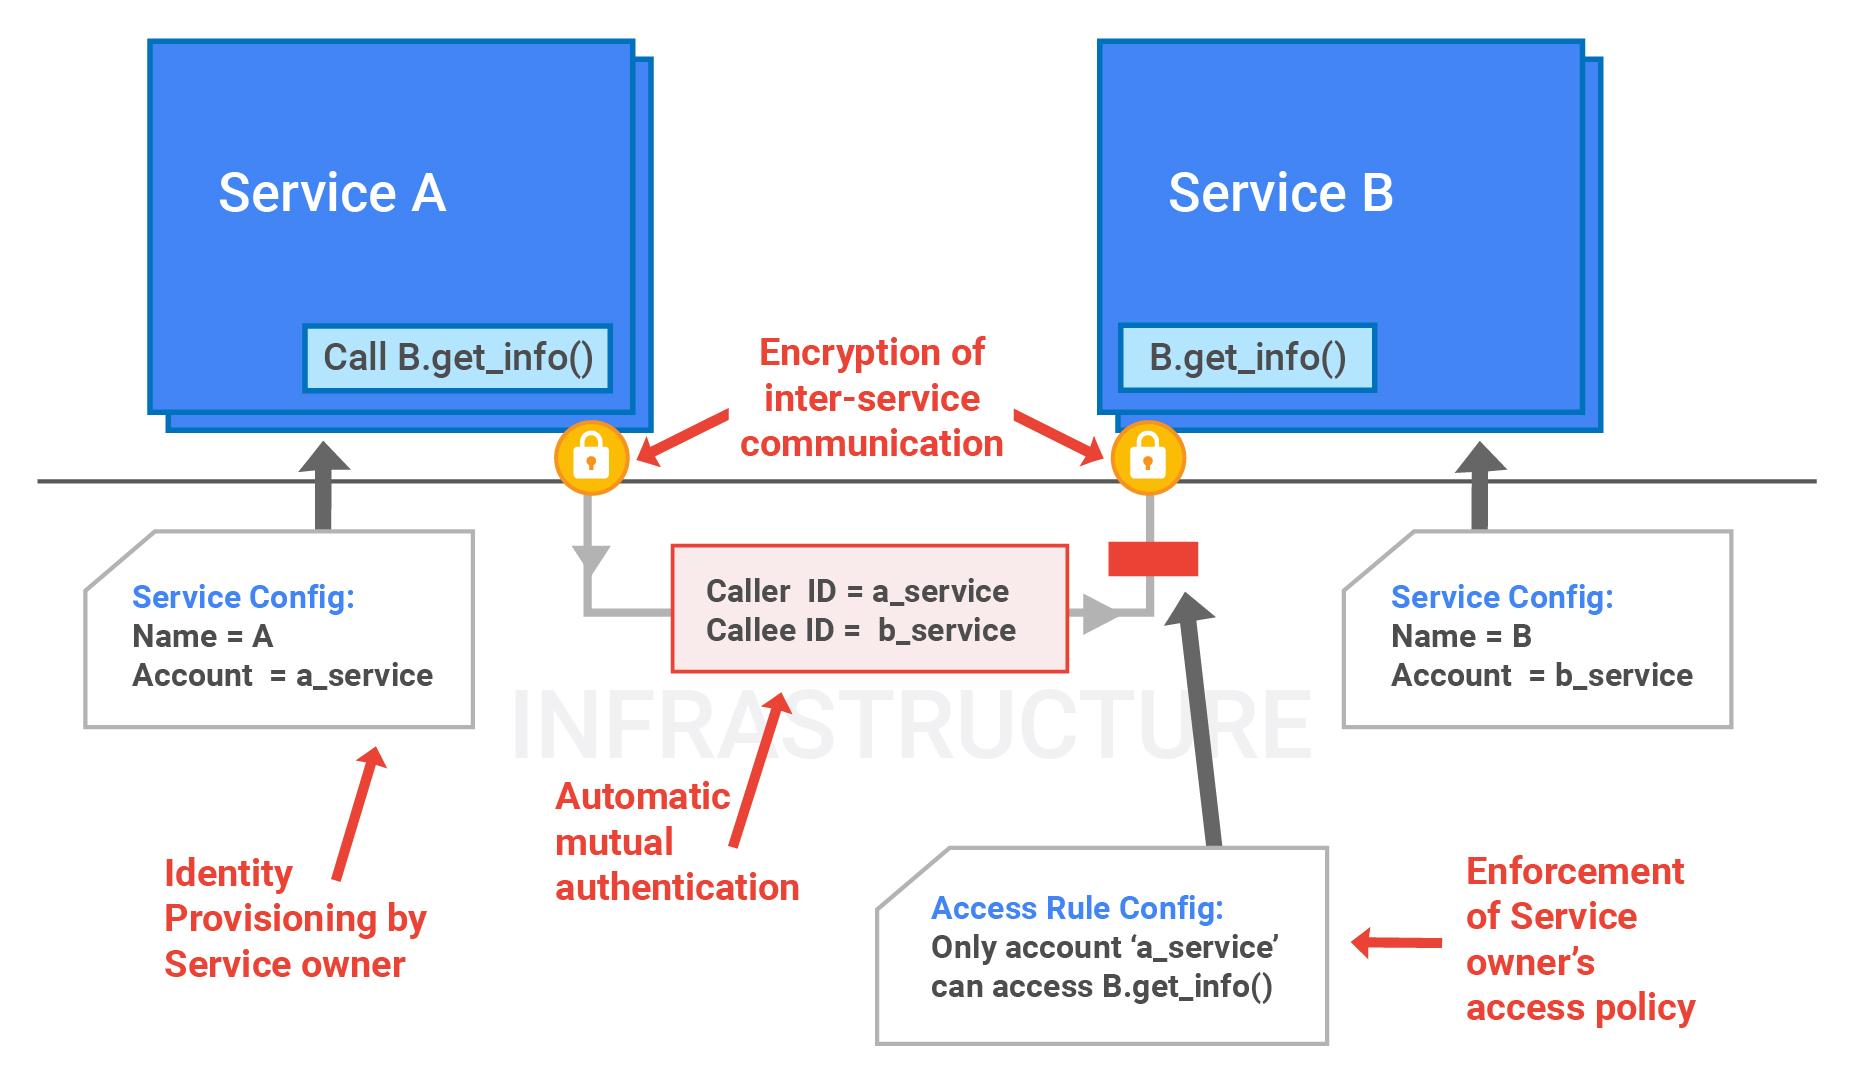 Dienste interagieren mit dem Identitäts- und Authentifizierungsprozess.